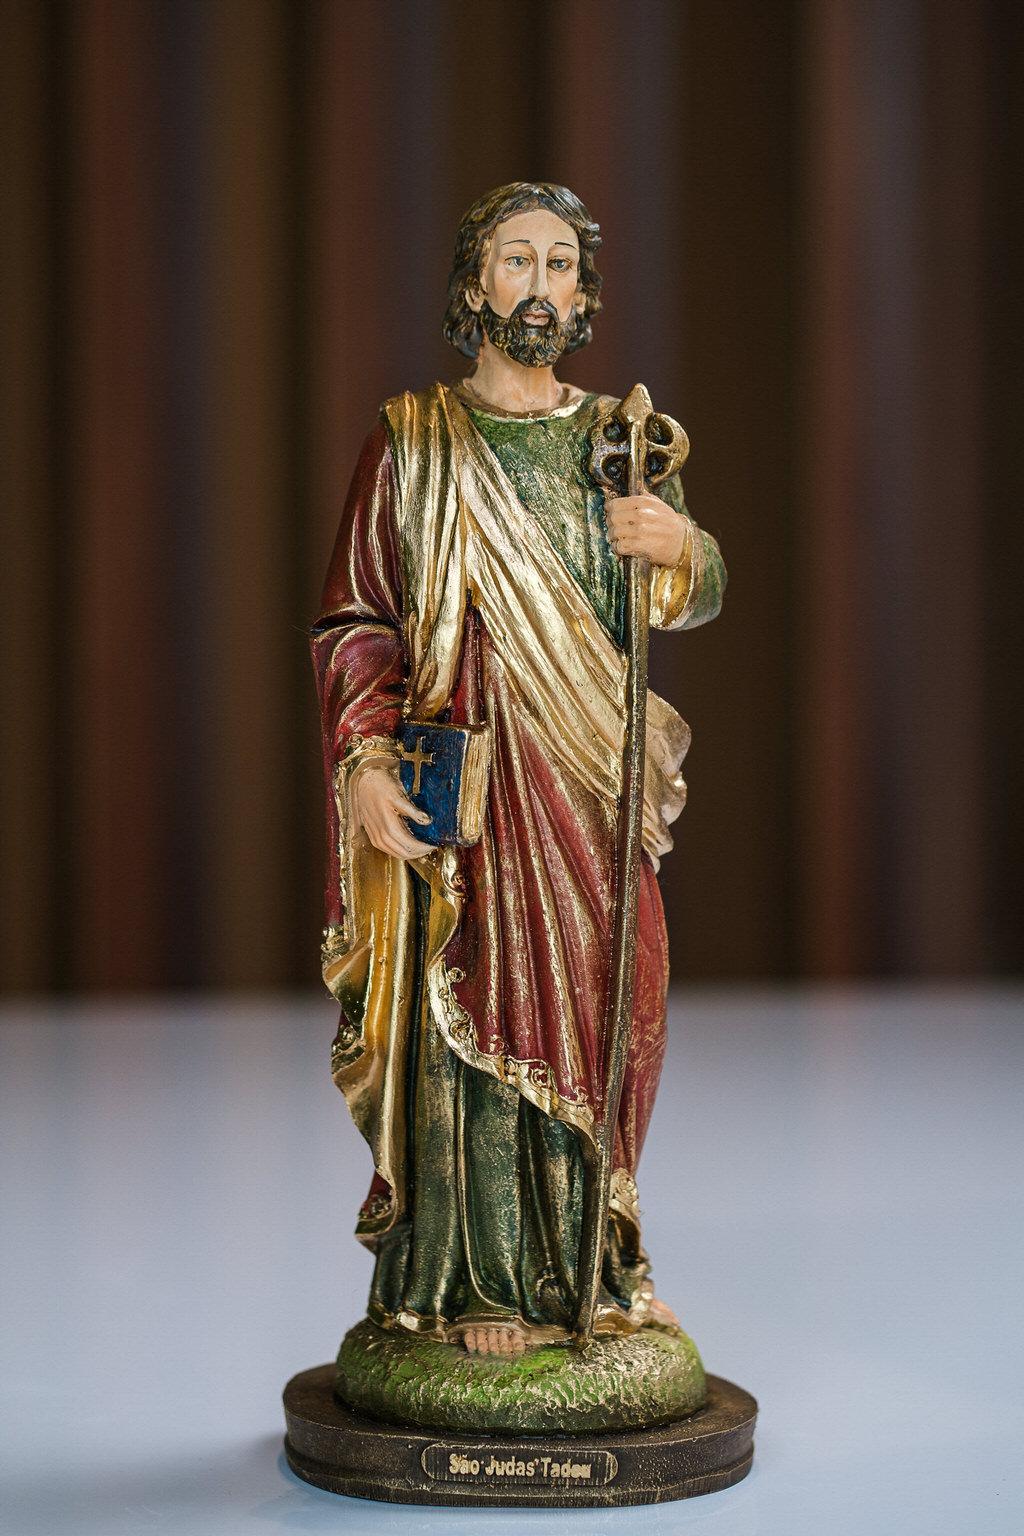 São Judas Tadeu em Resina - 30 cm